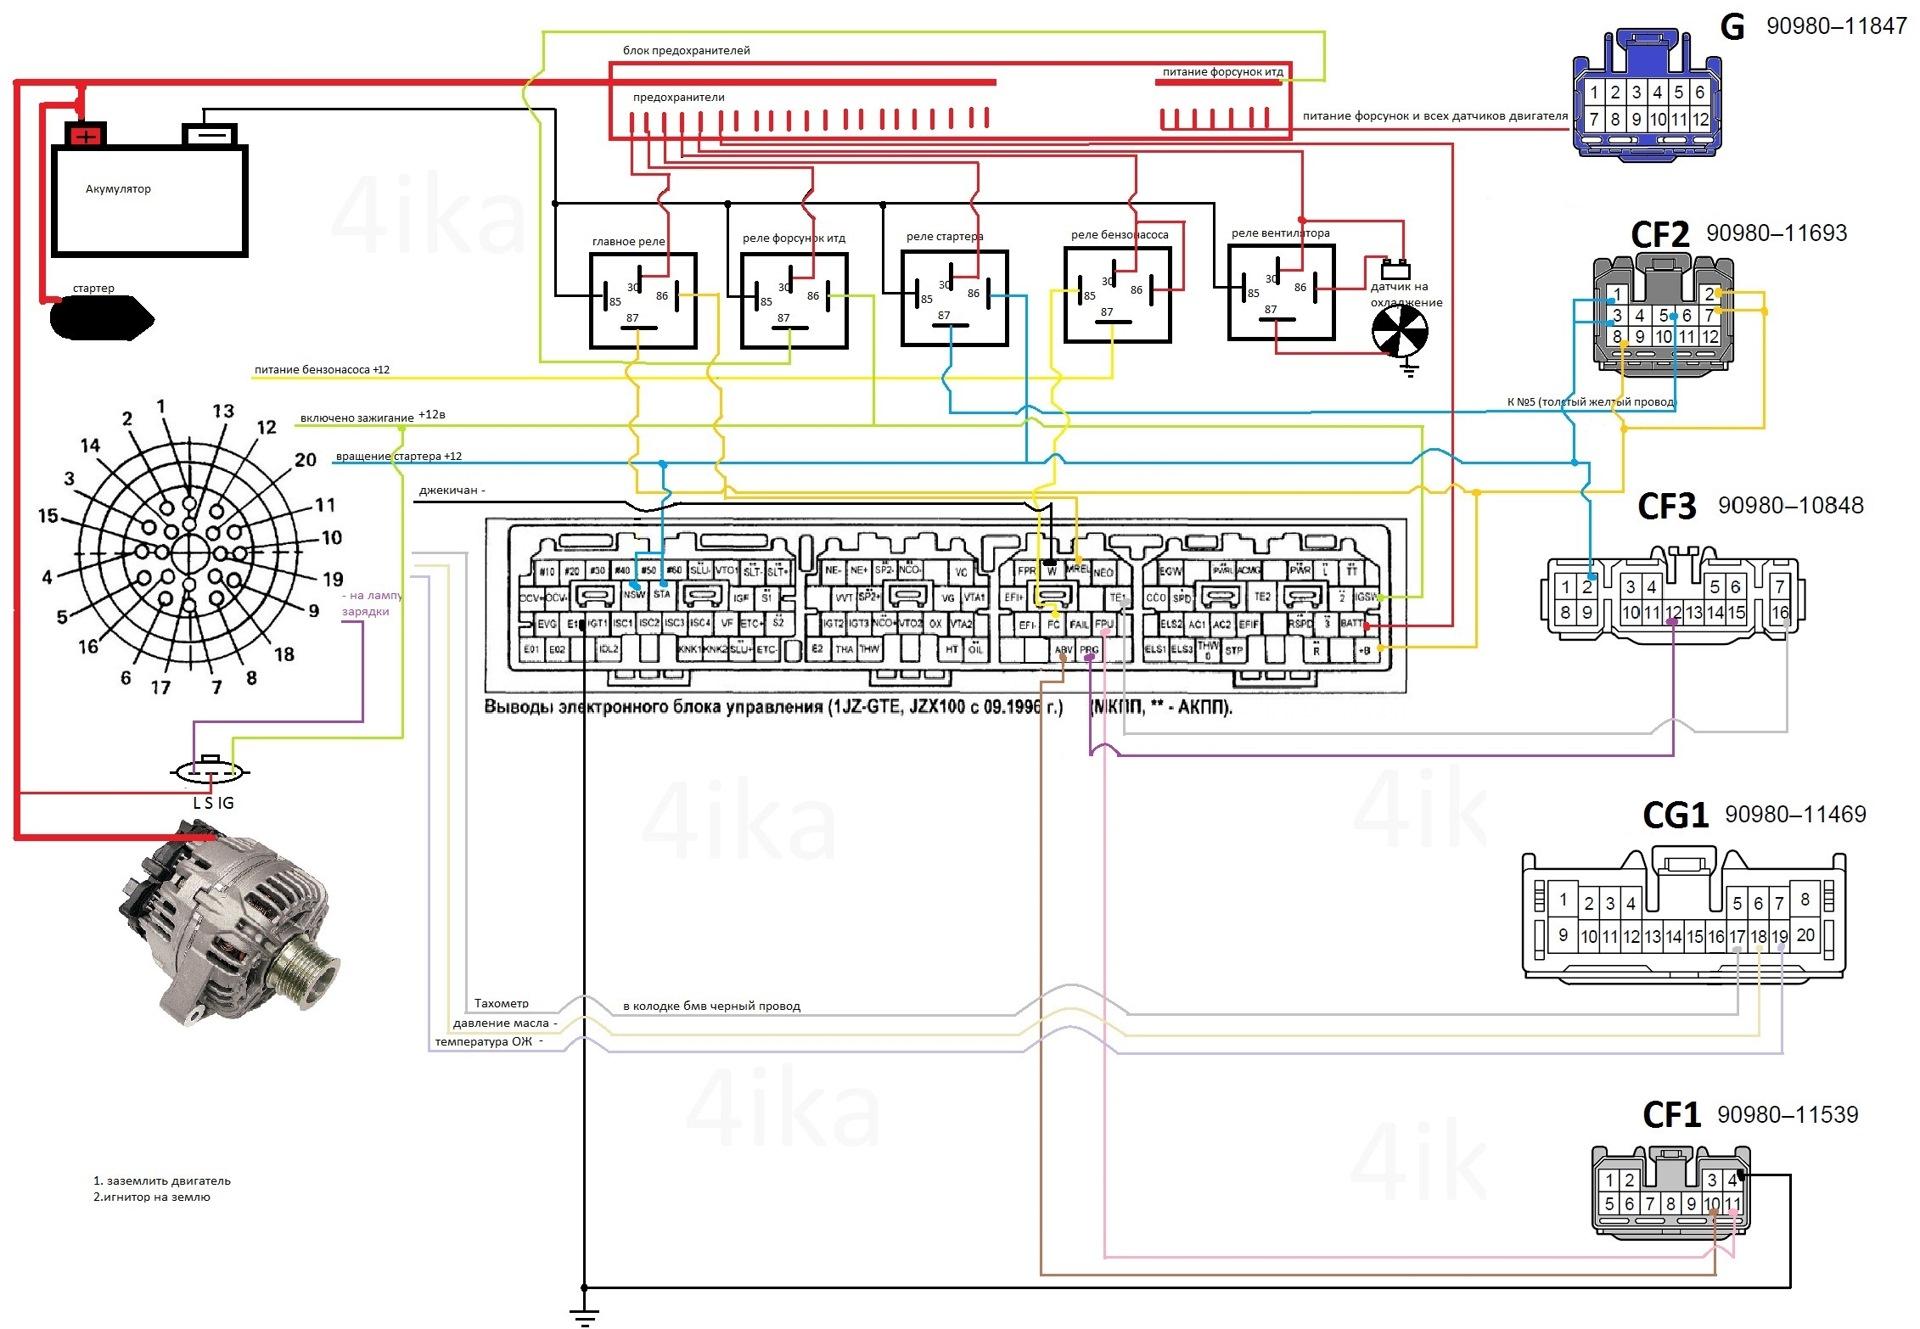 Схема системы охлаждения двигателя 1jz ge